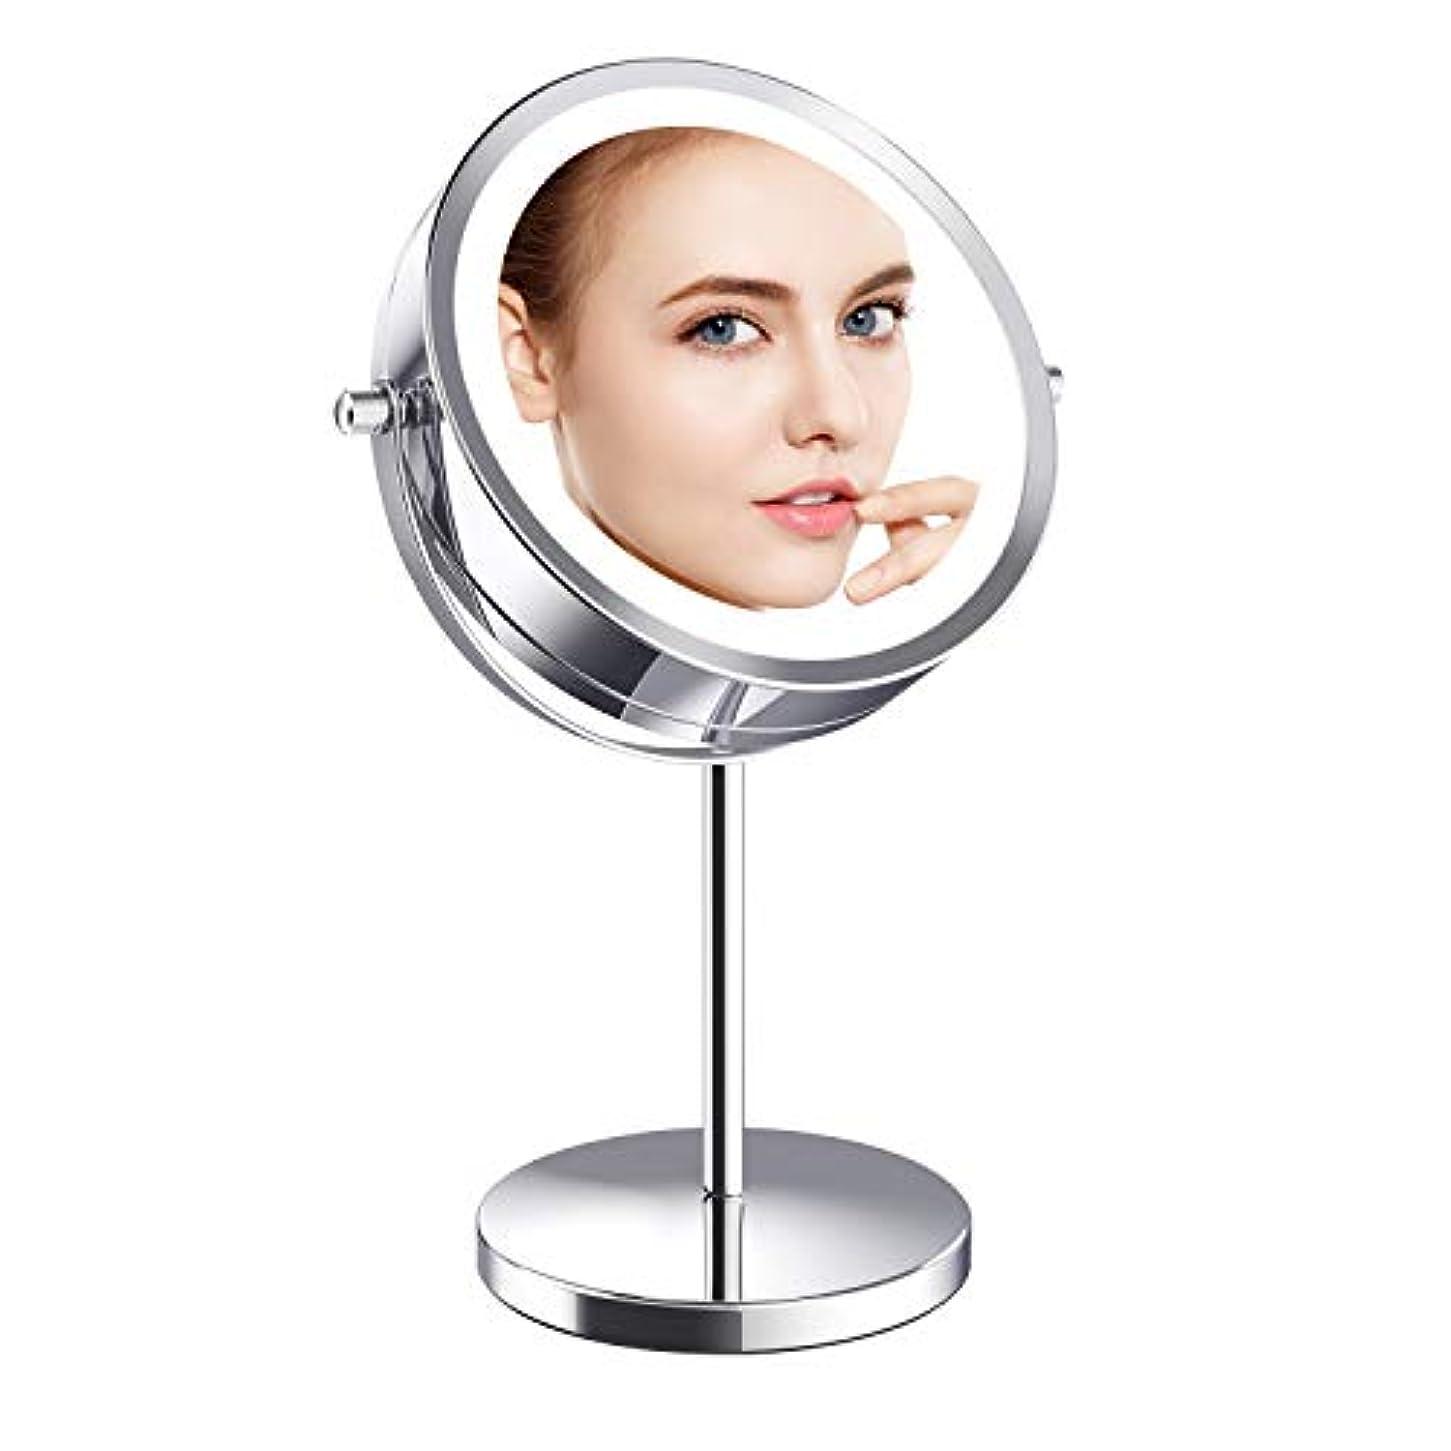 脅迫粗い抜粋Gospire 化粧鏡 10倍拡大鏡+等倍鏡 LED卓上化粧鏡 メイクミラー 両面型 360度回転式 日本語説明書付き ライティングミラー プレゼント